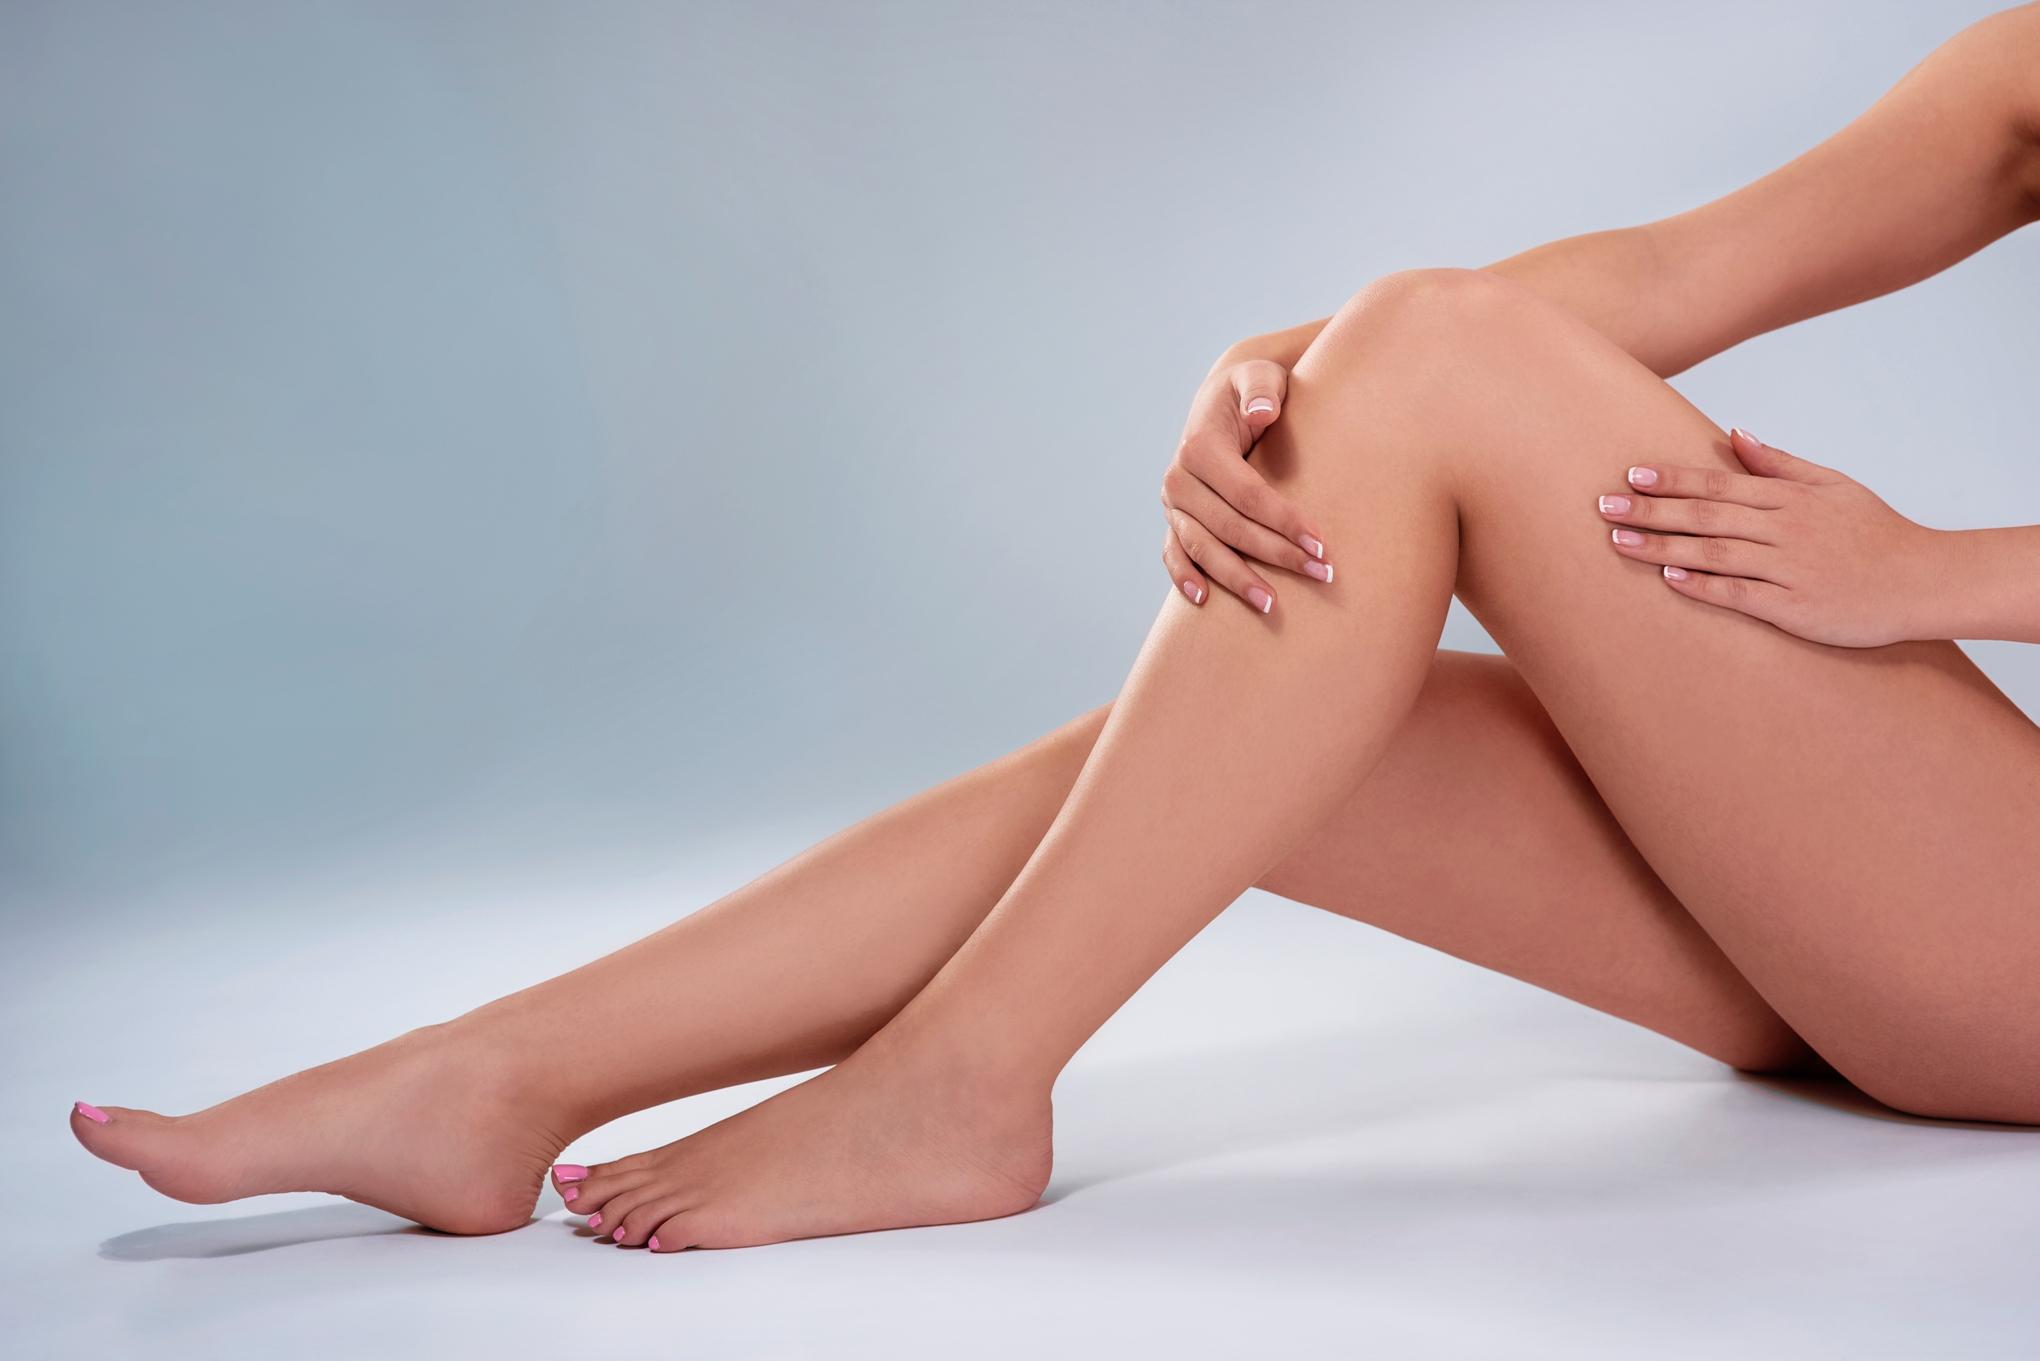 gambe farmacia benessere fiumicino portuensi